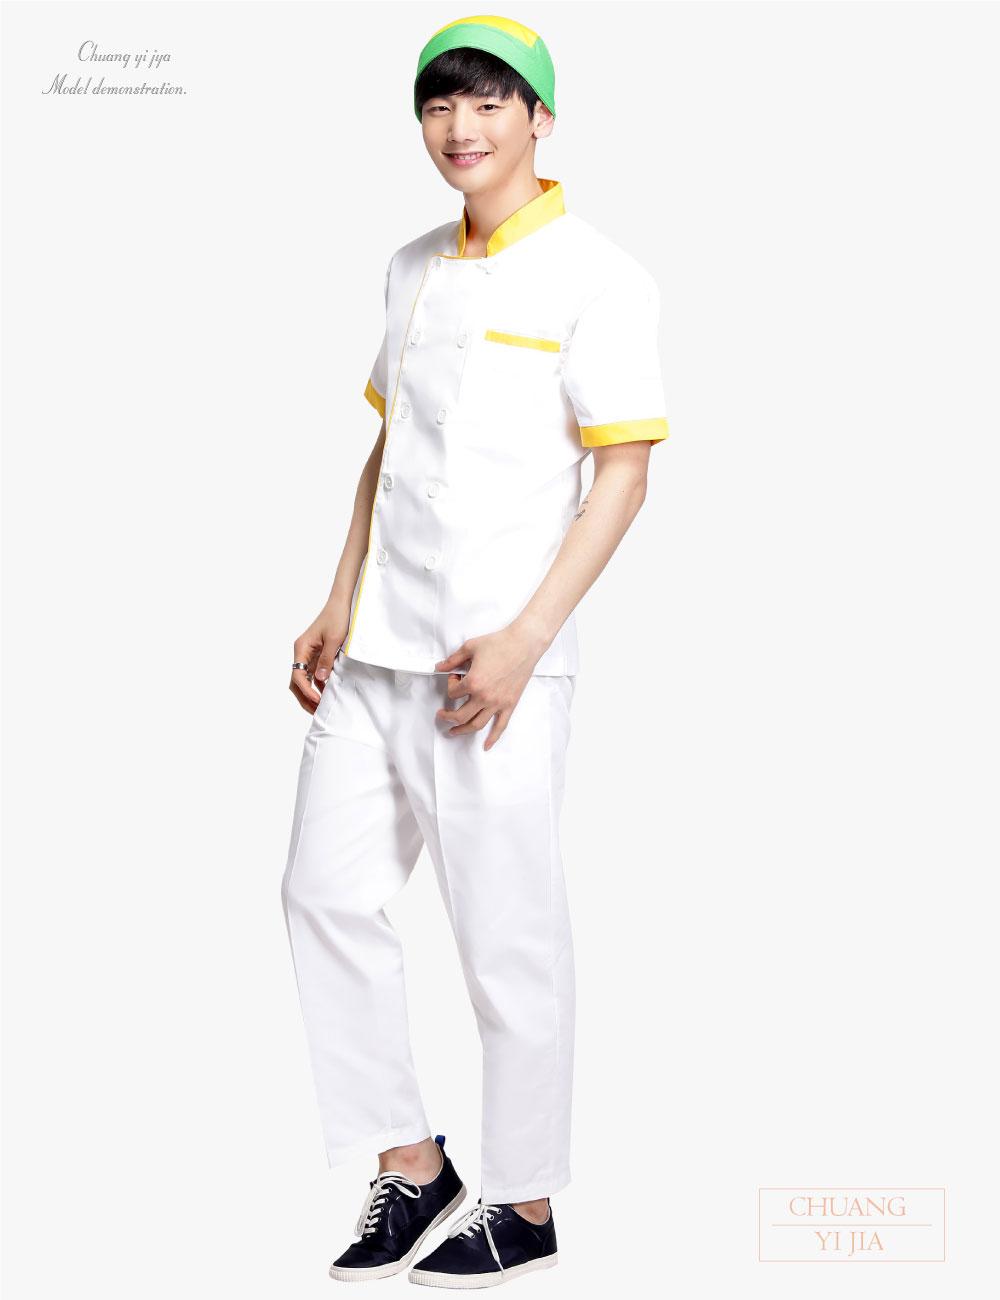 創意家團體服,台灣生產製造,廚師服,專業廚師服,料理服,餐飲廚師服,烘培服,飯店廚師服,餐廳廚師服,西式廚師服,證照廚師服,訂製